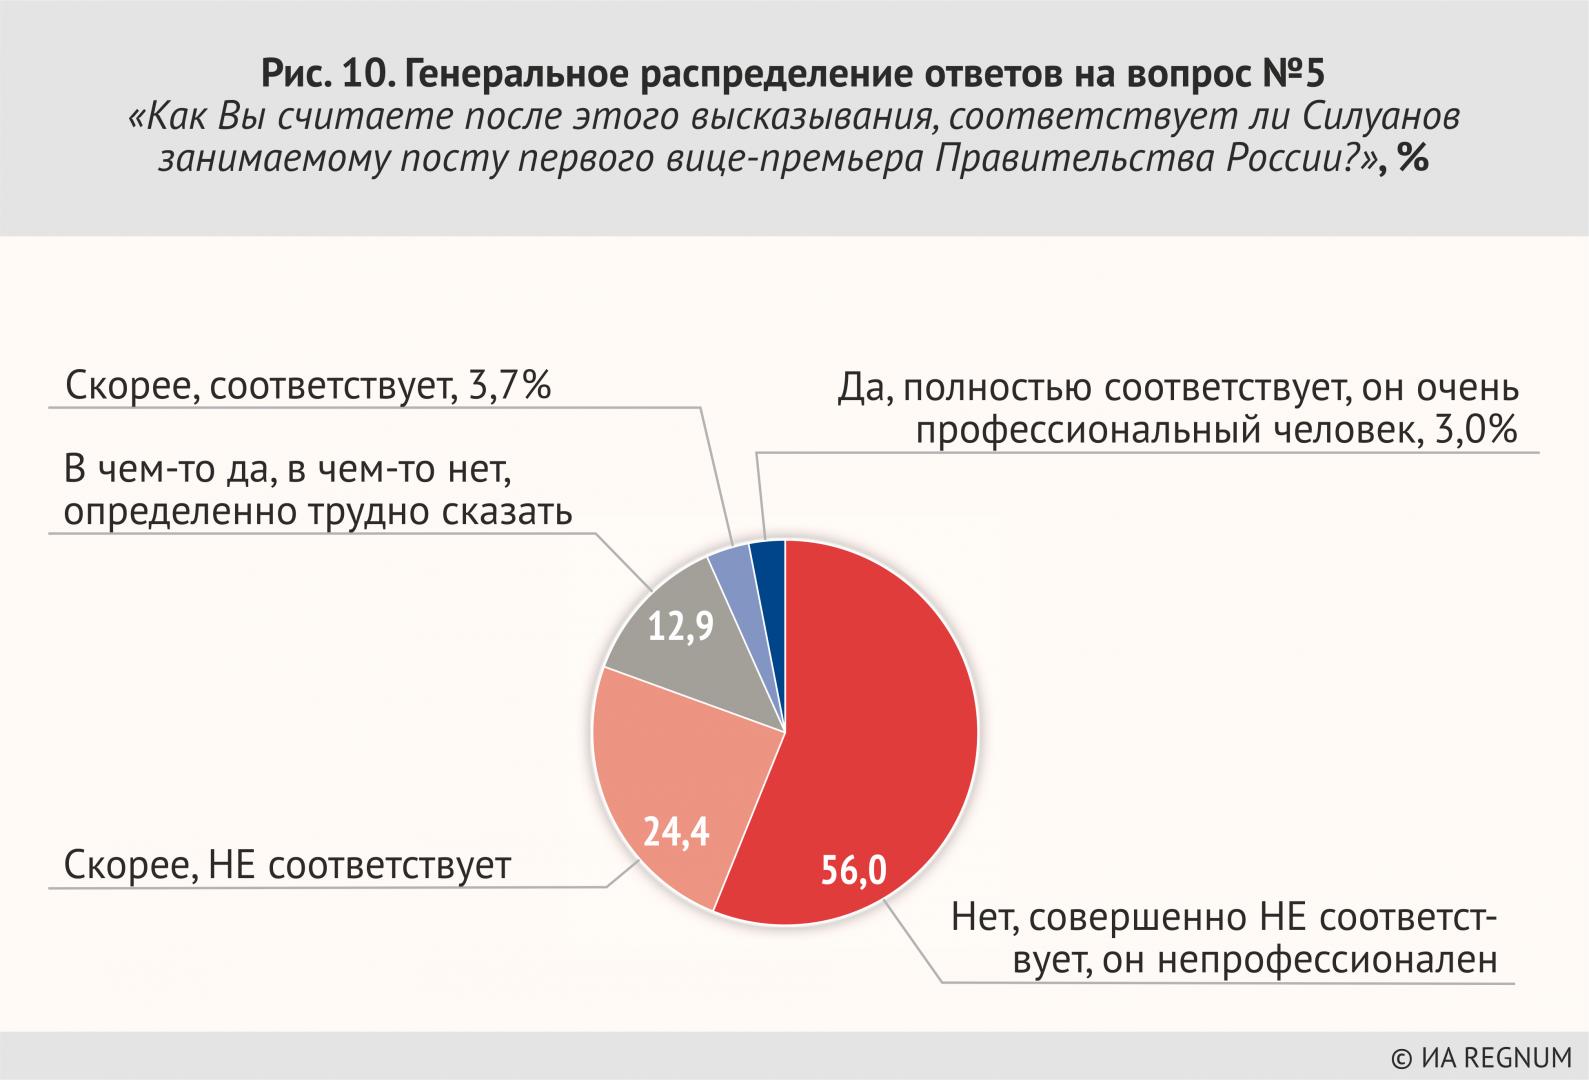 Генеральное распределение ответов на вопрос №5 «Как Вы считаете после этого высказывания, соответствует ли Силуанов занимаемому посту первого вице-премьера правительства России?»' %